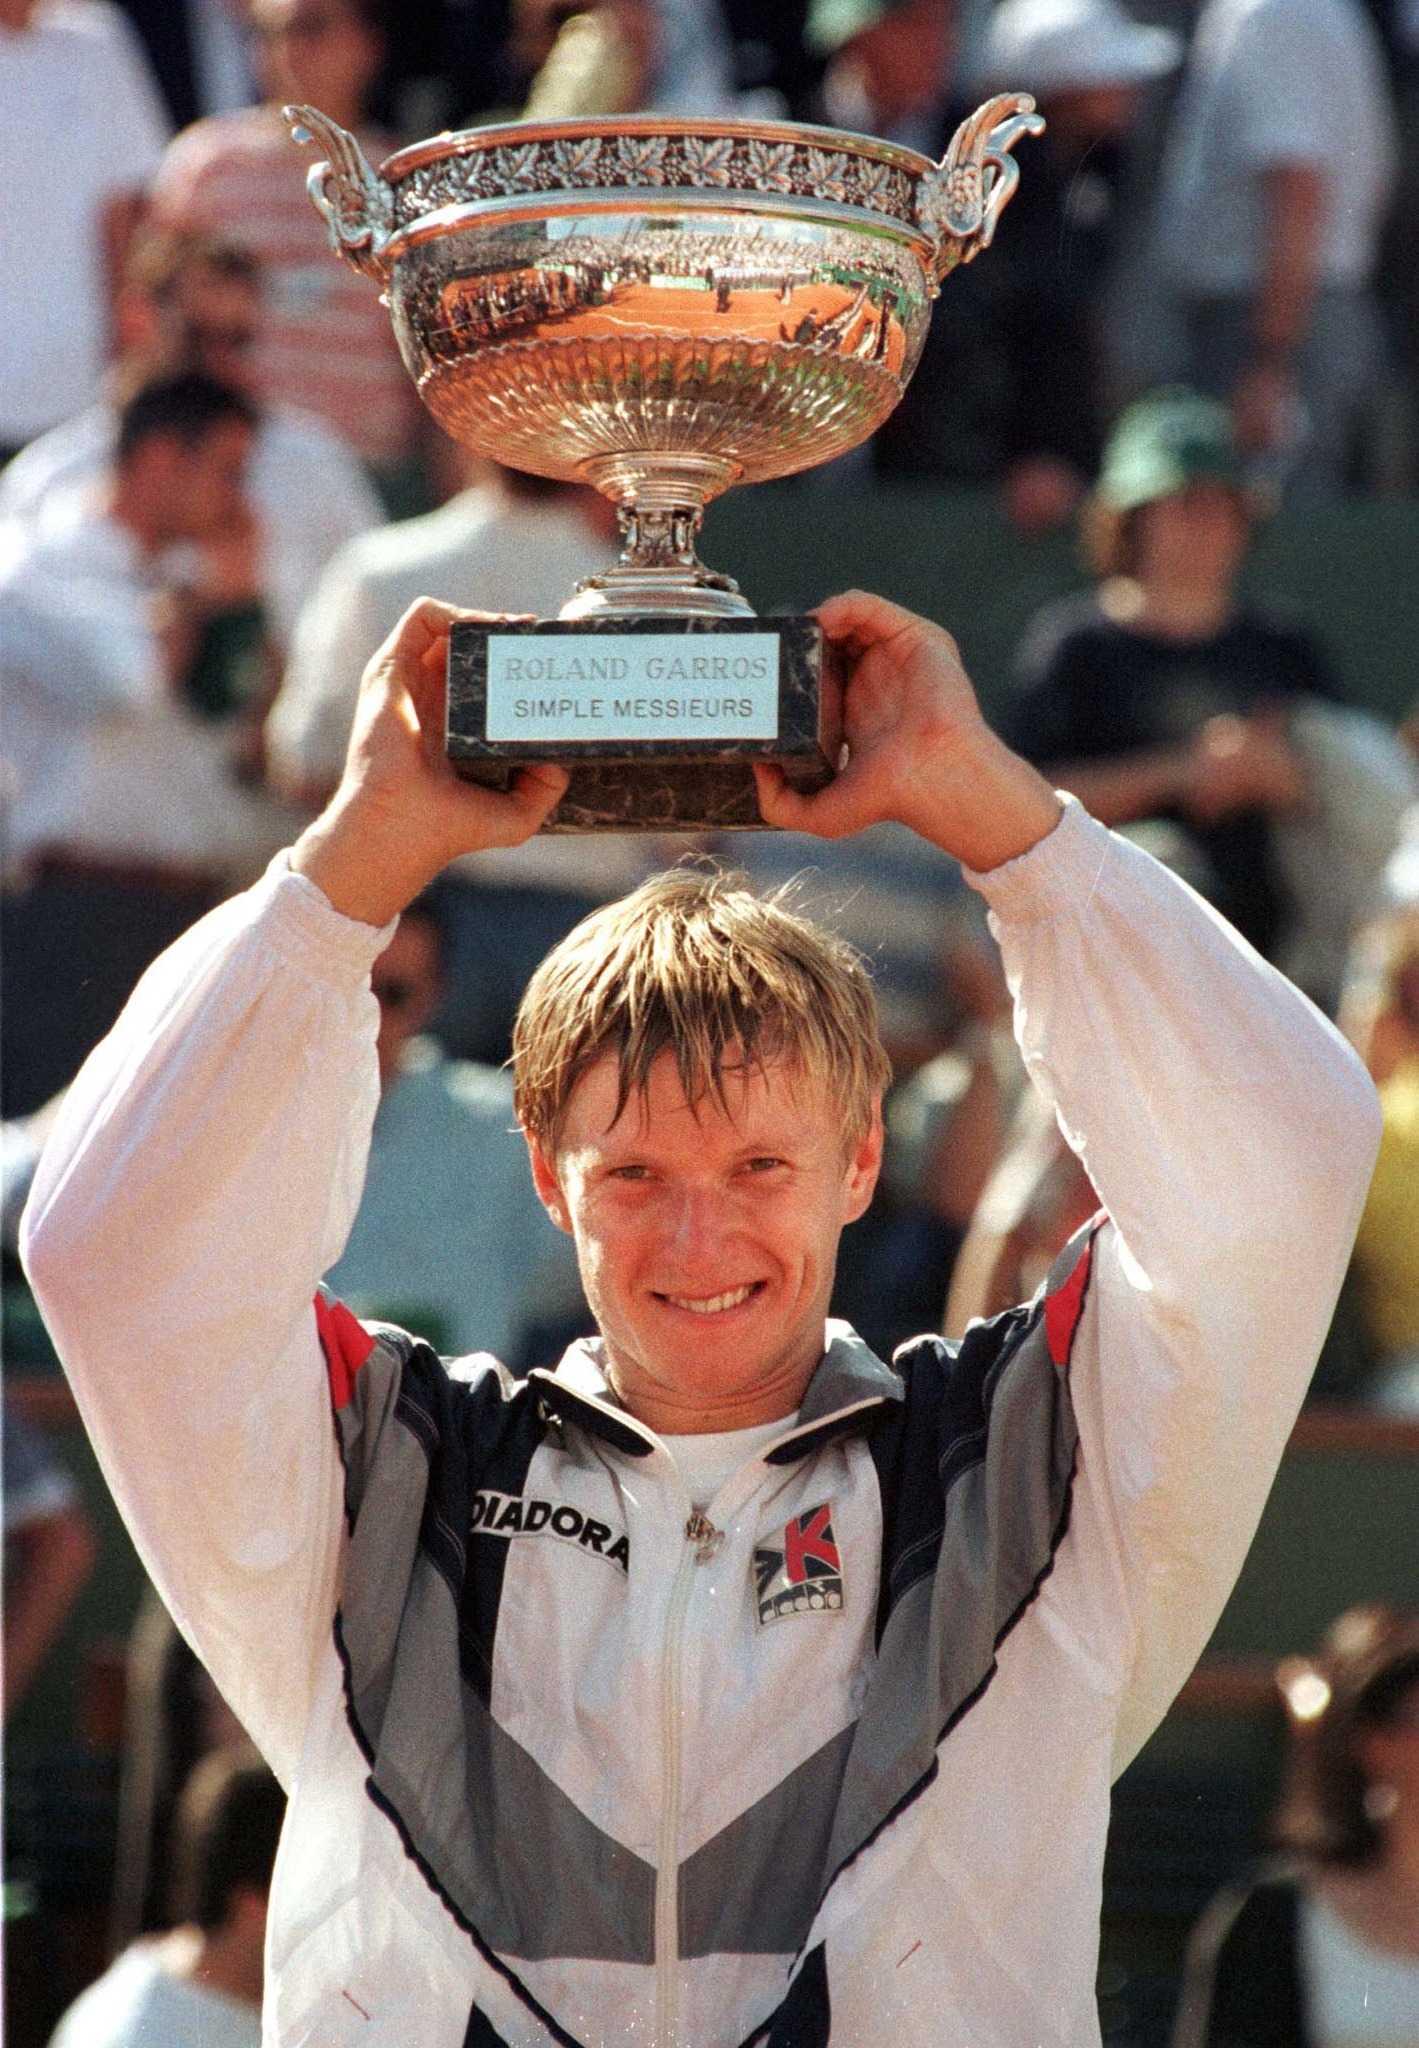 9 июня 1996 года. Париж. Евгений КАФЕЛЬНИКОВ - чемпион Roland Garros